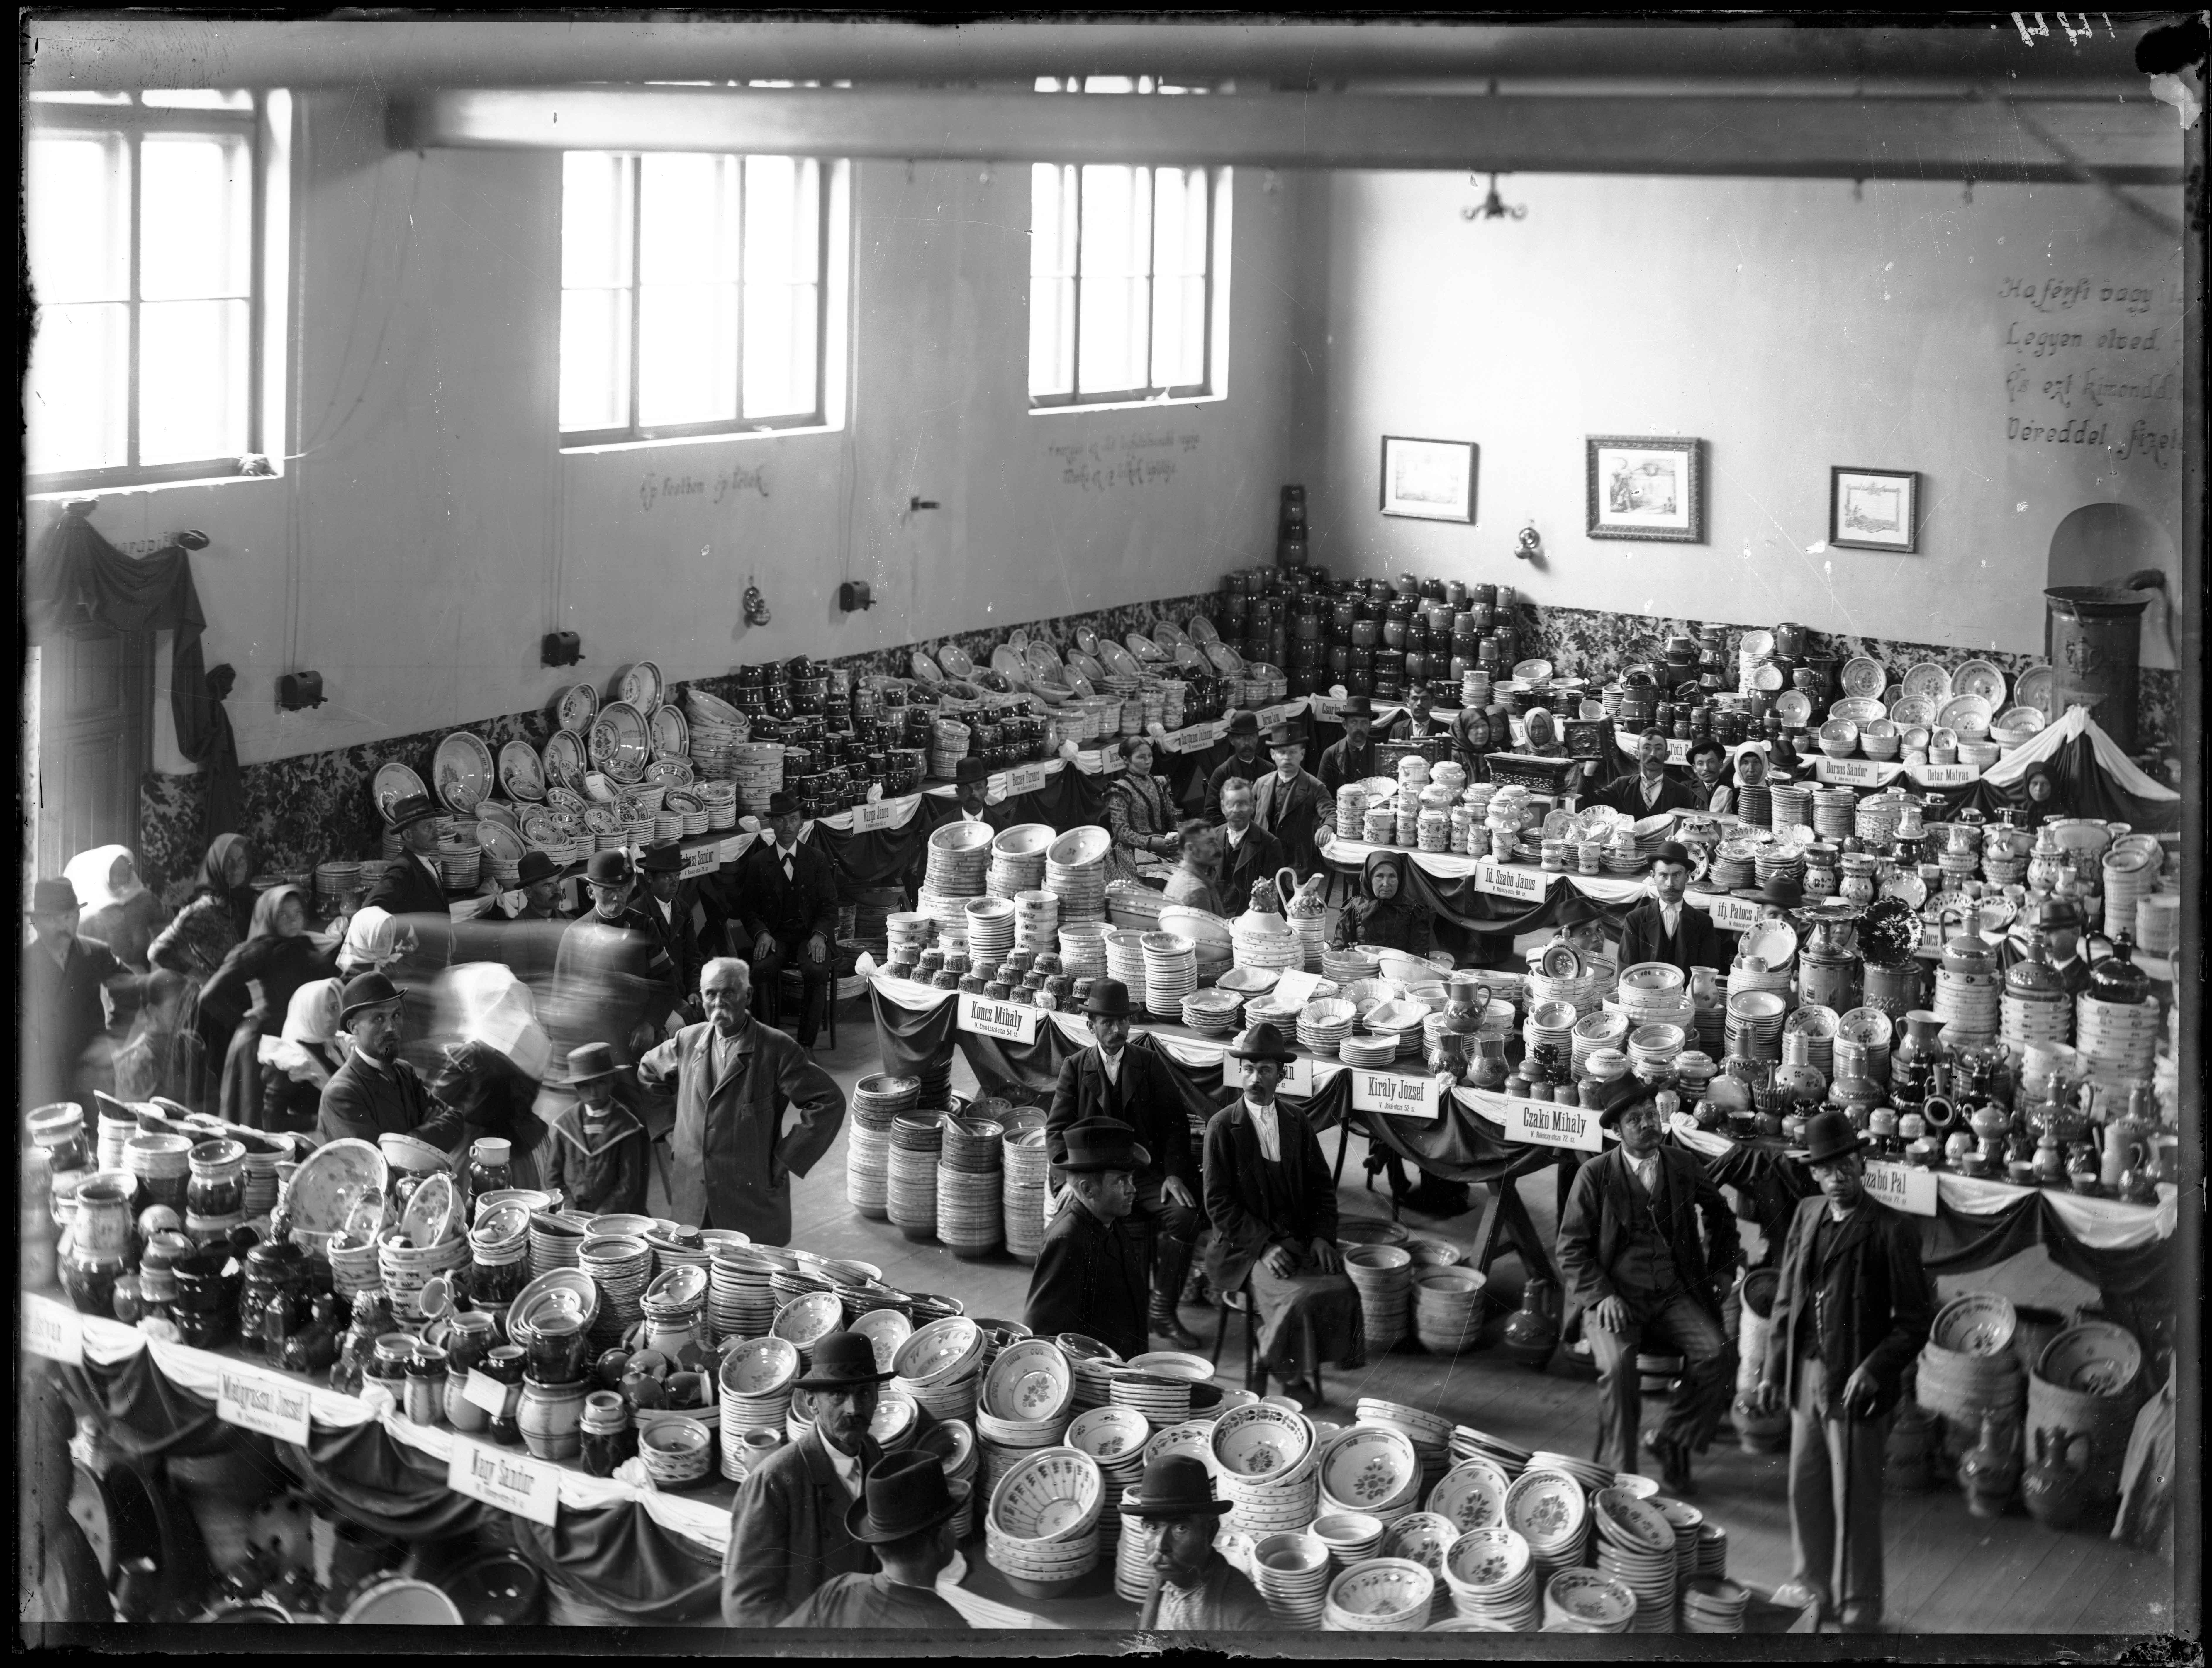 Fotó: Plohn József: Fazekasmesterek kiállítása az Agyagipari Gyakorlóműhely szervezésében, 1902-ben a református főgimnázium tornacsarnokában. © Tornyai János Múzeum gyűjteménye, Hódmezővásárhely